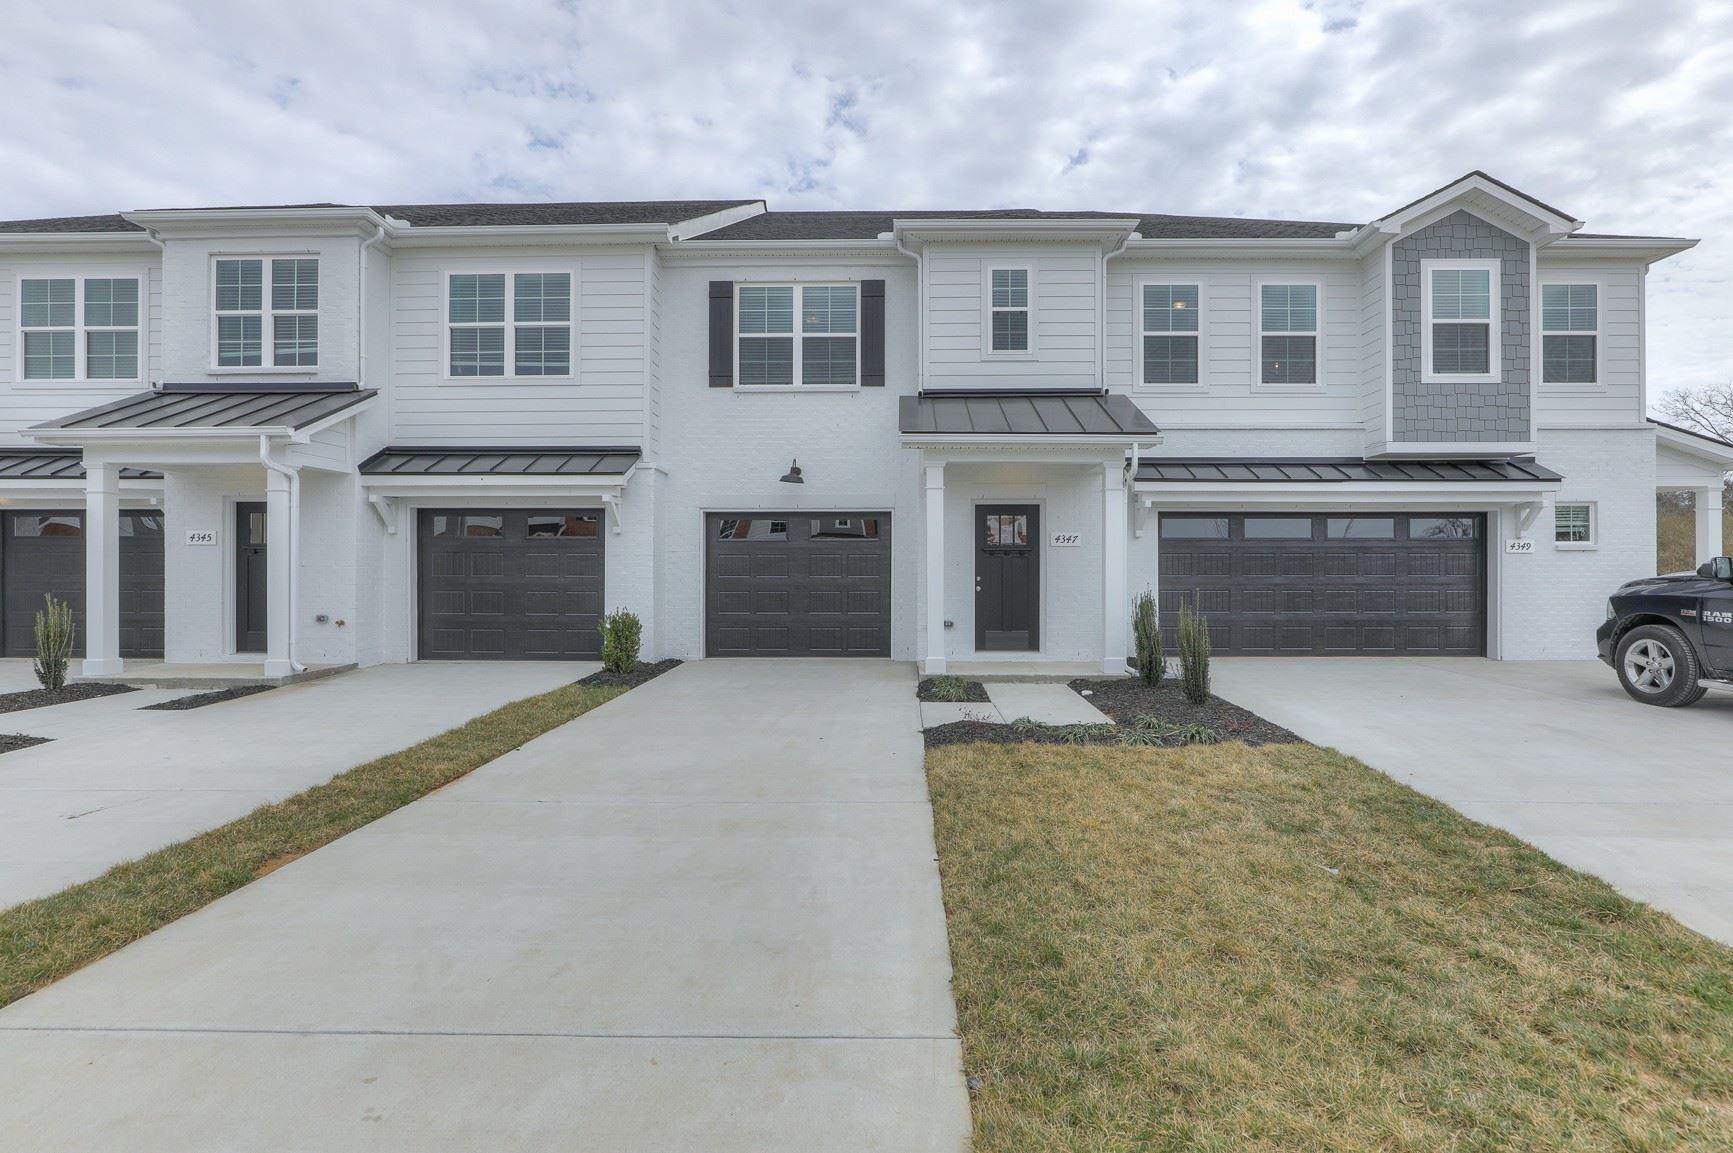 Photo of 4219 Sarazen Lane, Murfreesboro, TN 37127 (MLS # 2252080)